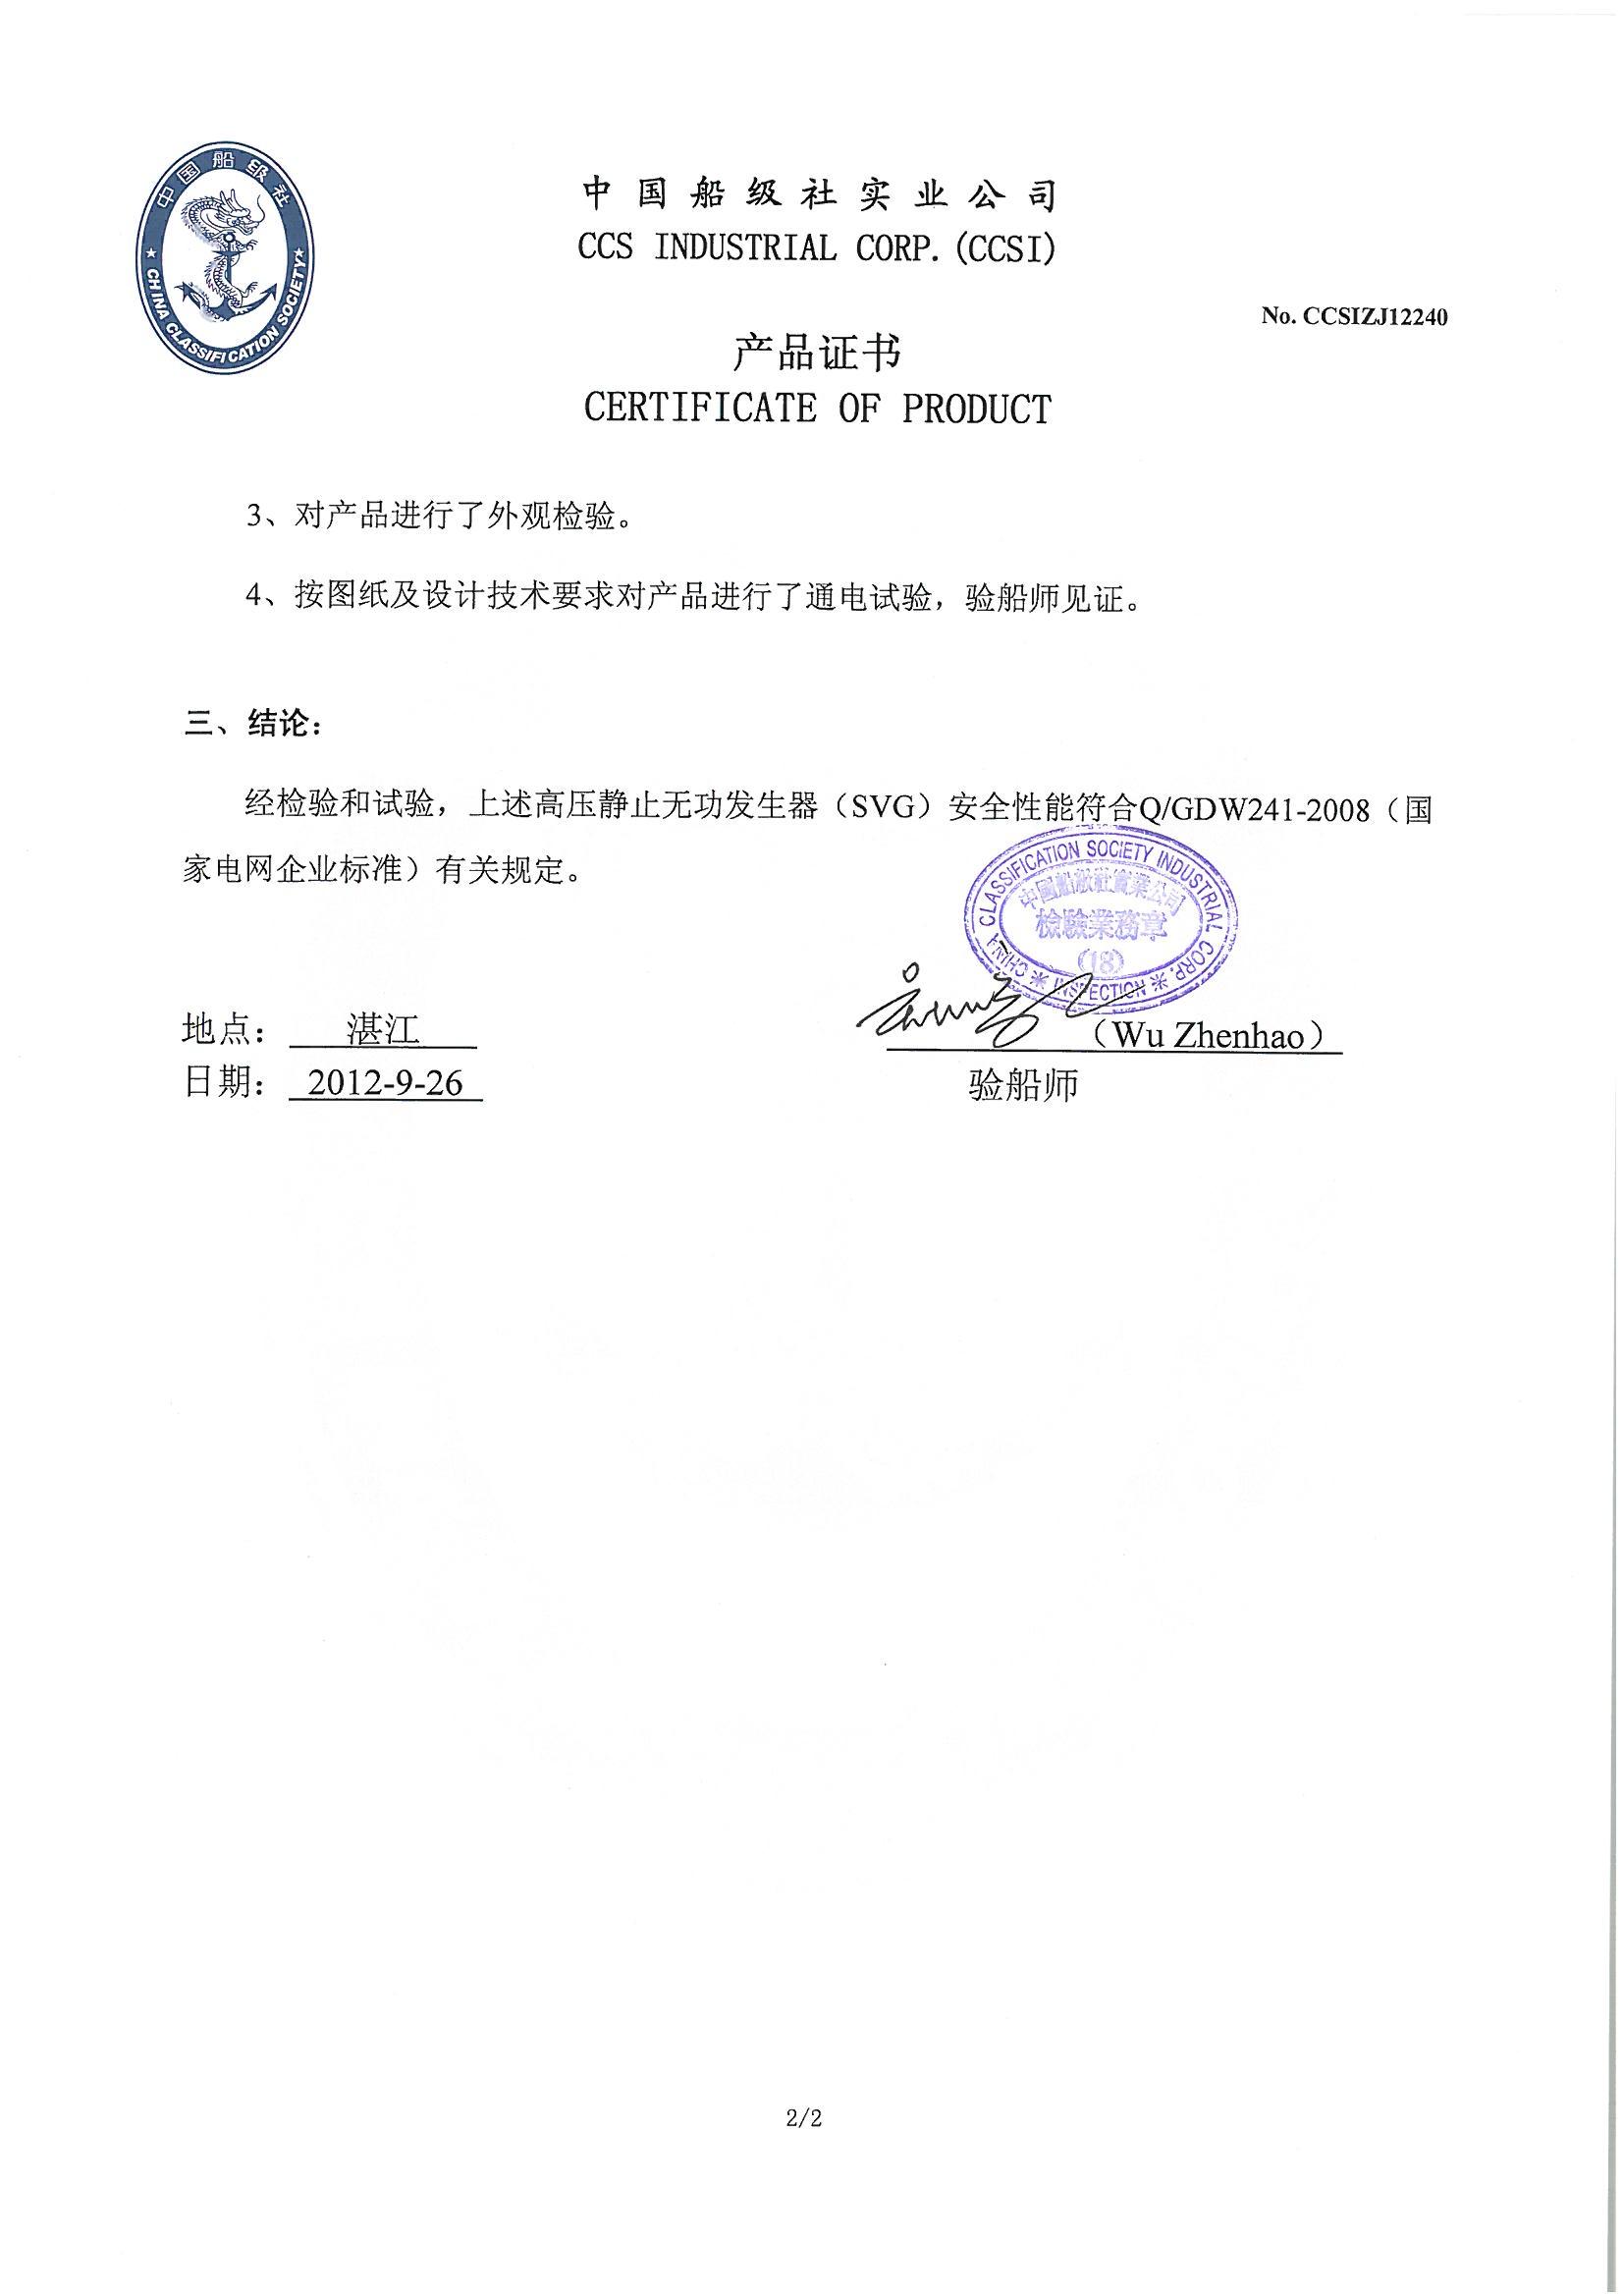 CCSI Certificate